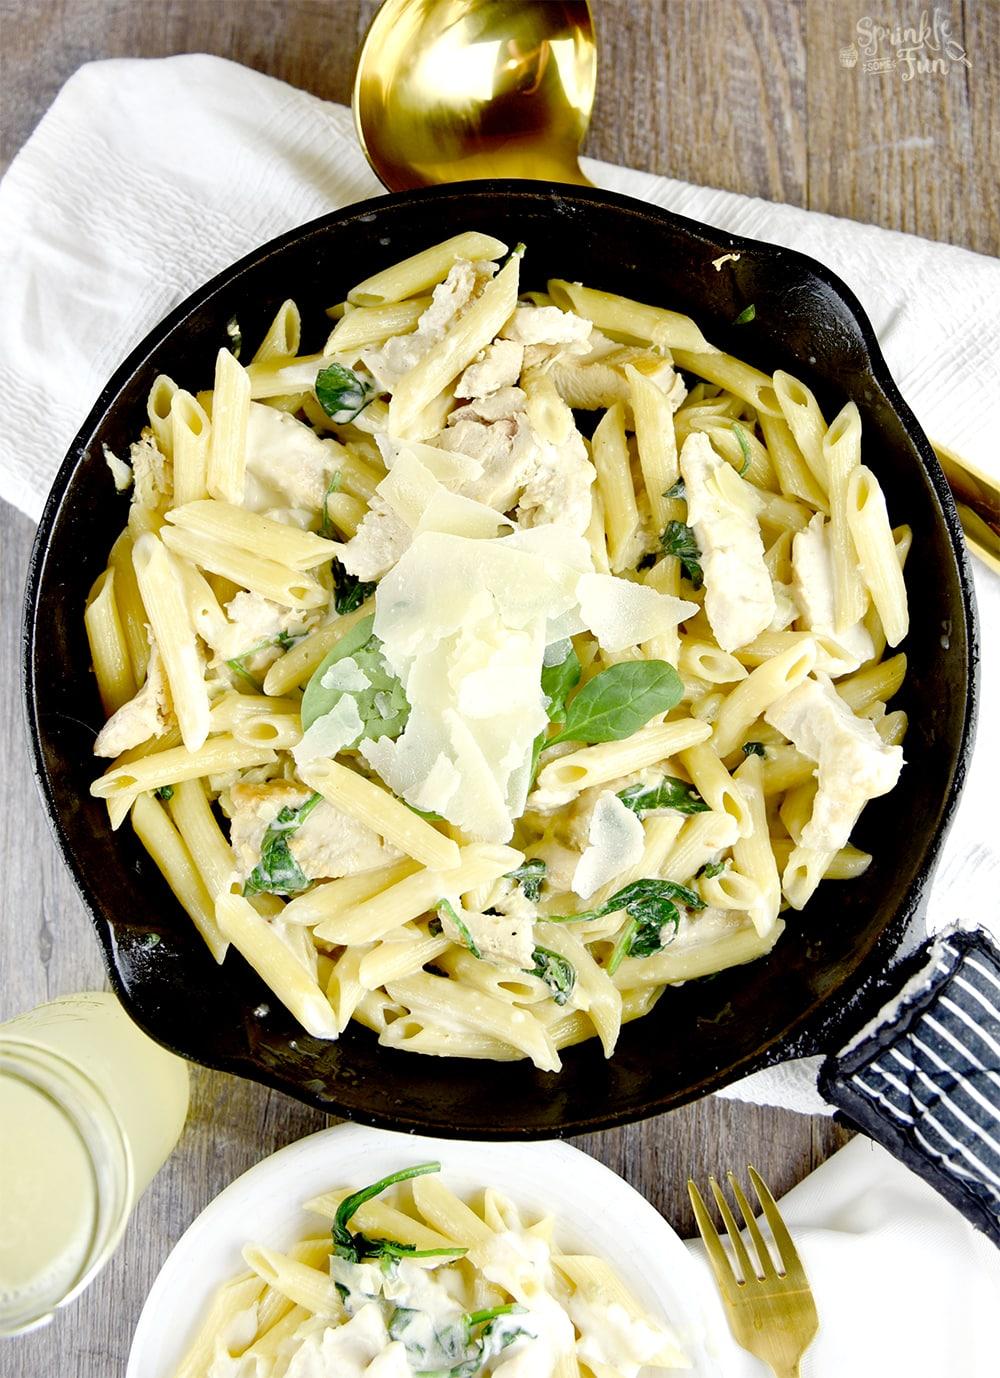 Spinach & Artichoke Alfredo Pasta